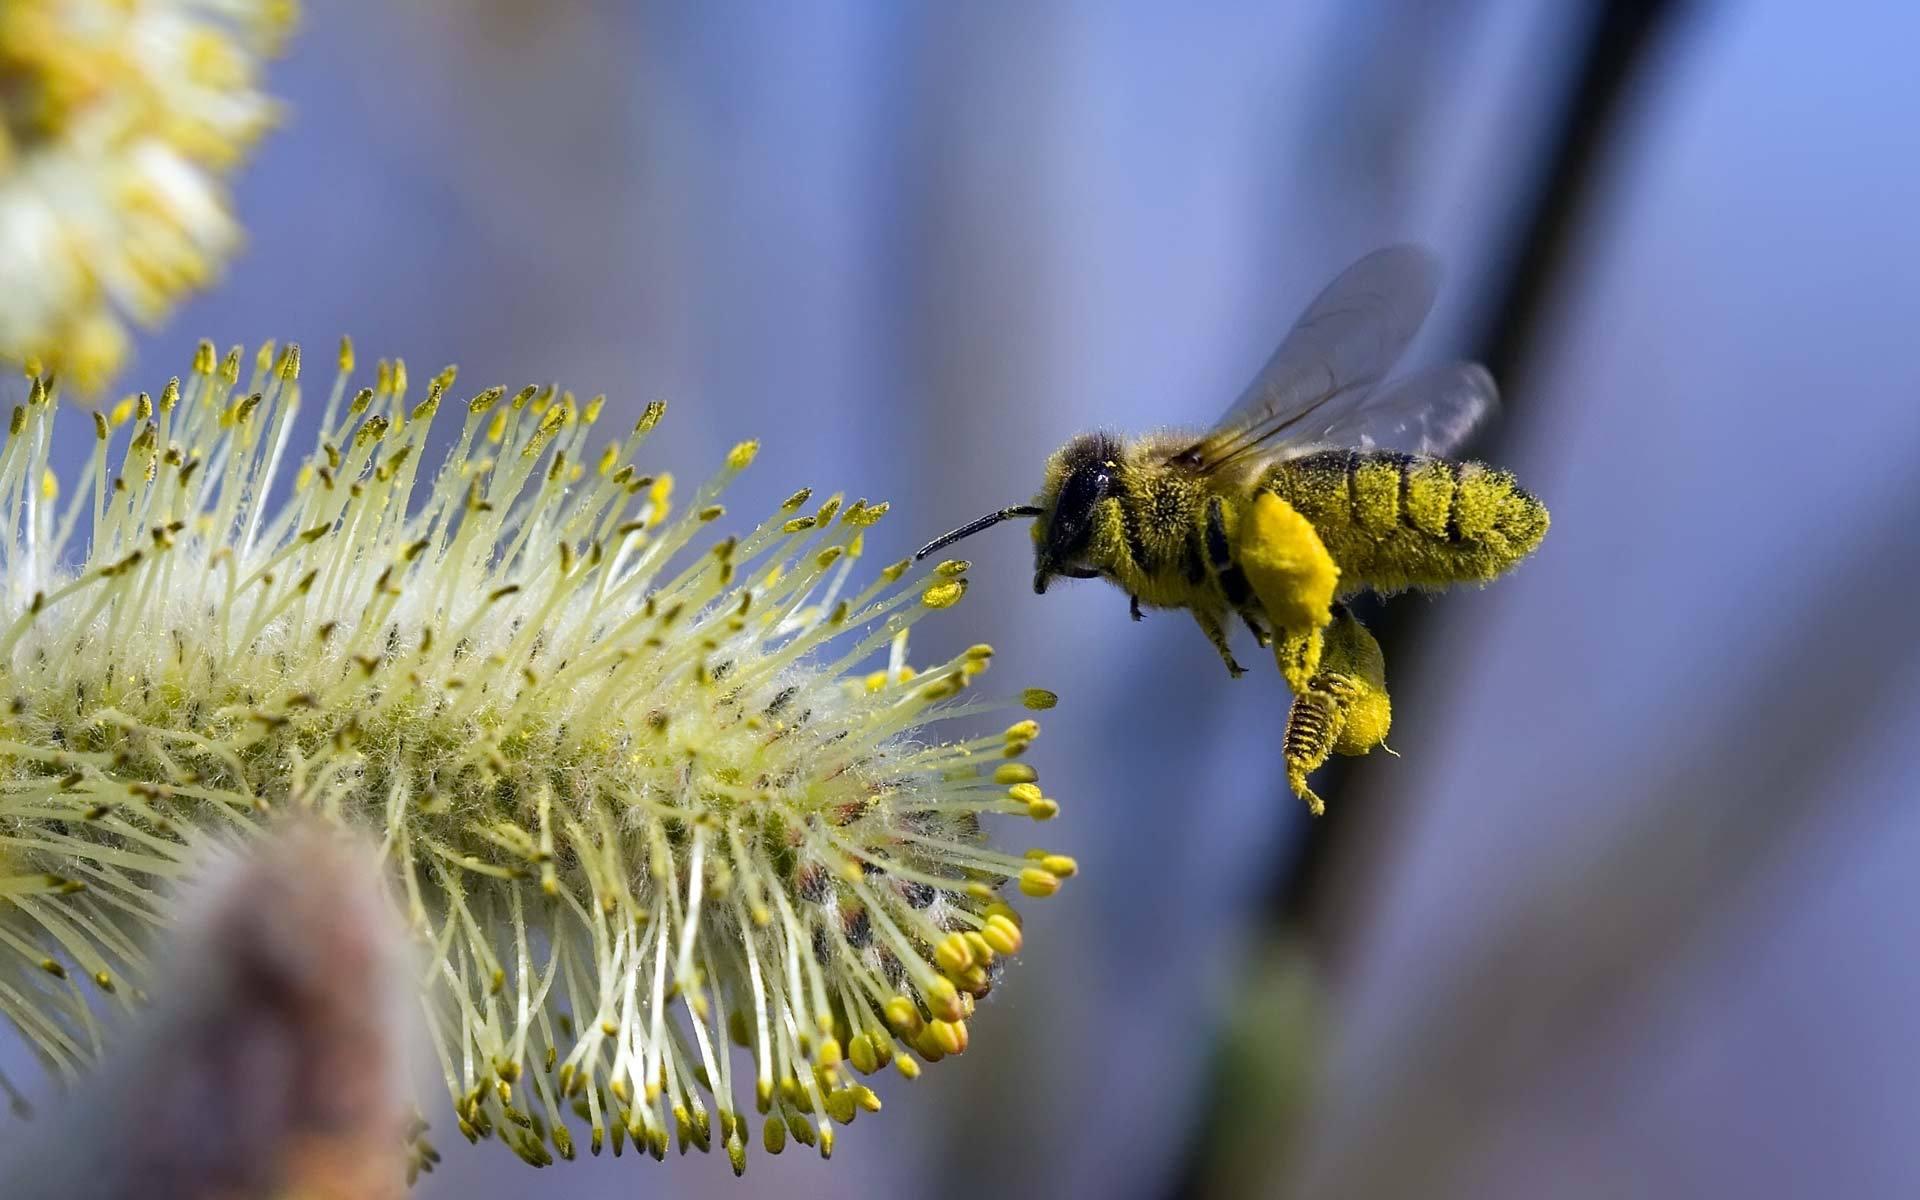 макро одуванчик животное насекомое пчела цветы природа  № 3007283 бесплатно